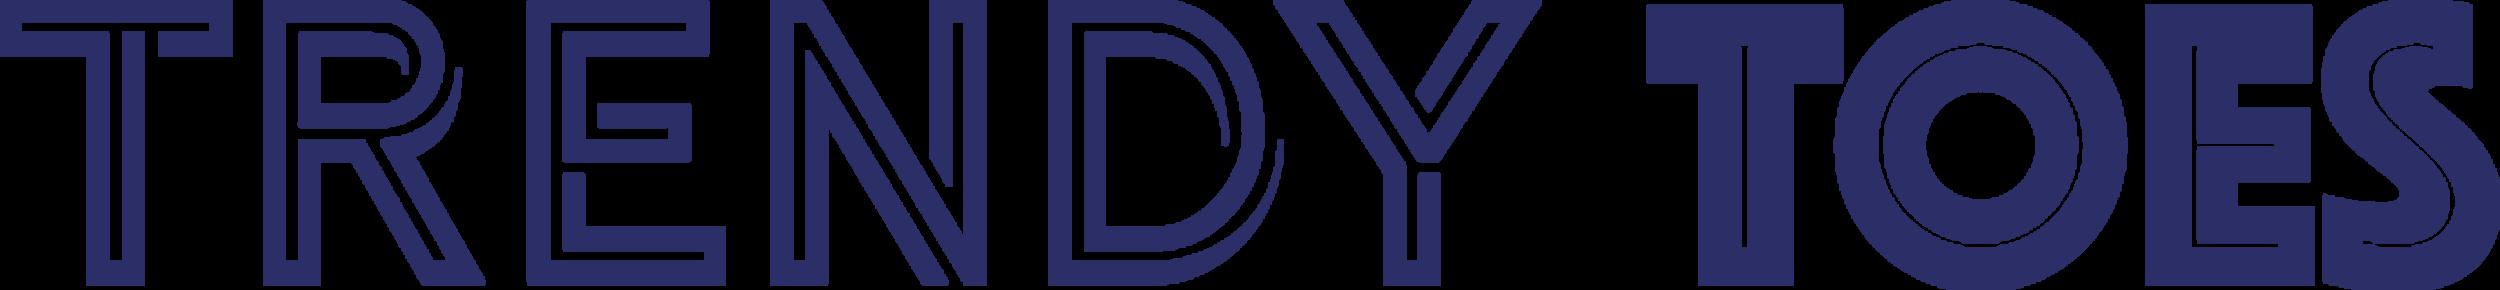 TrendyToes_Logo_v1.png